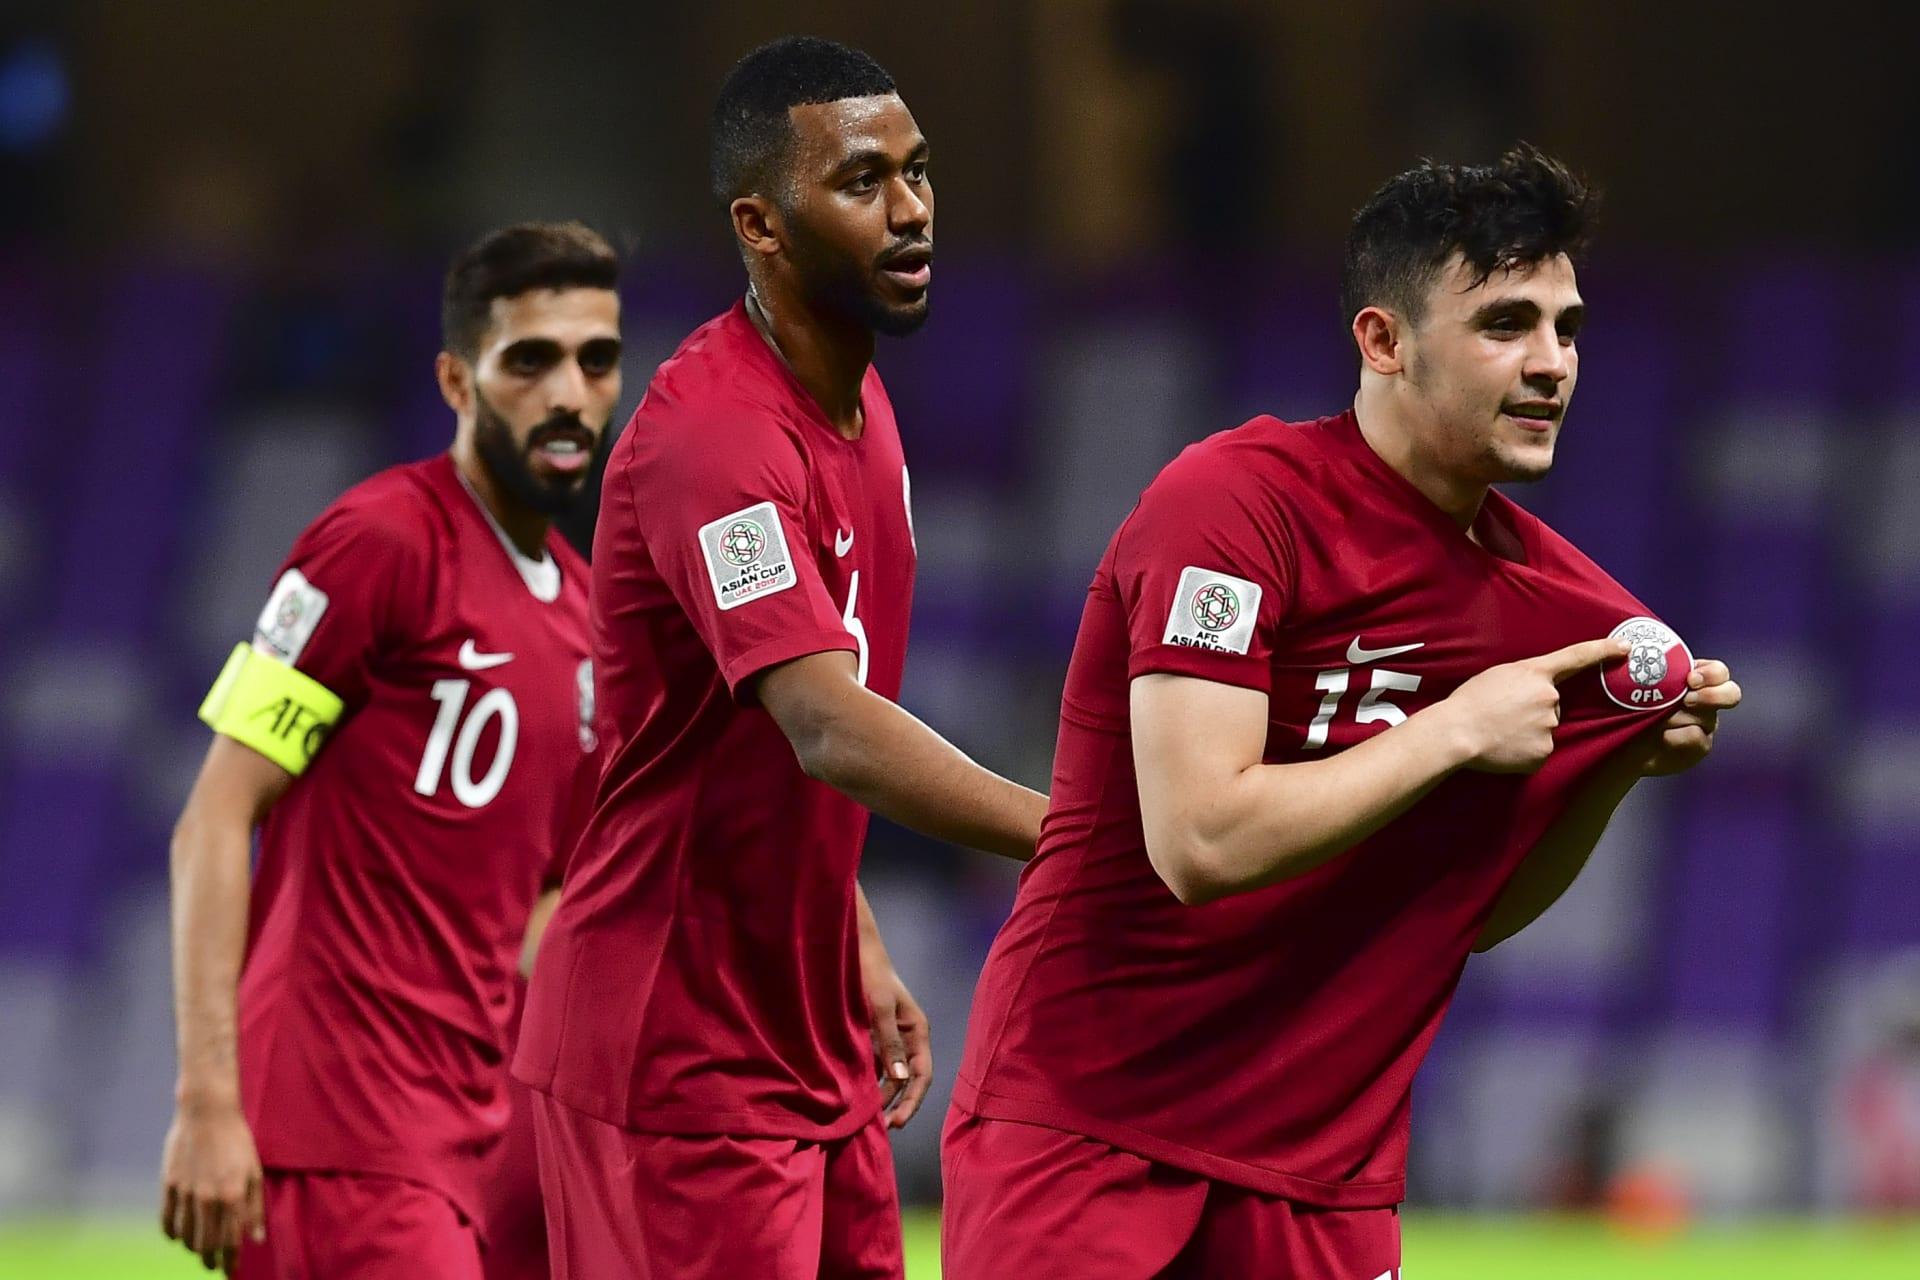 اللاعب القطري من أصول عراقية: من حقي أن أحتفل بأهم هدف في مسيرتي